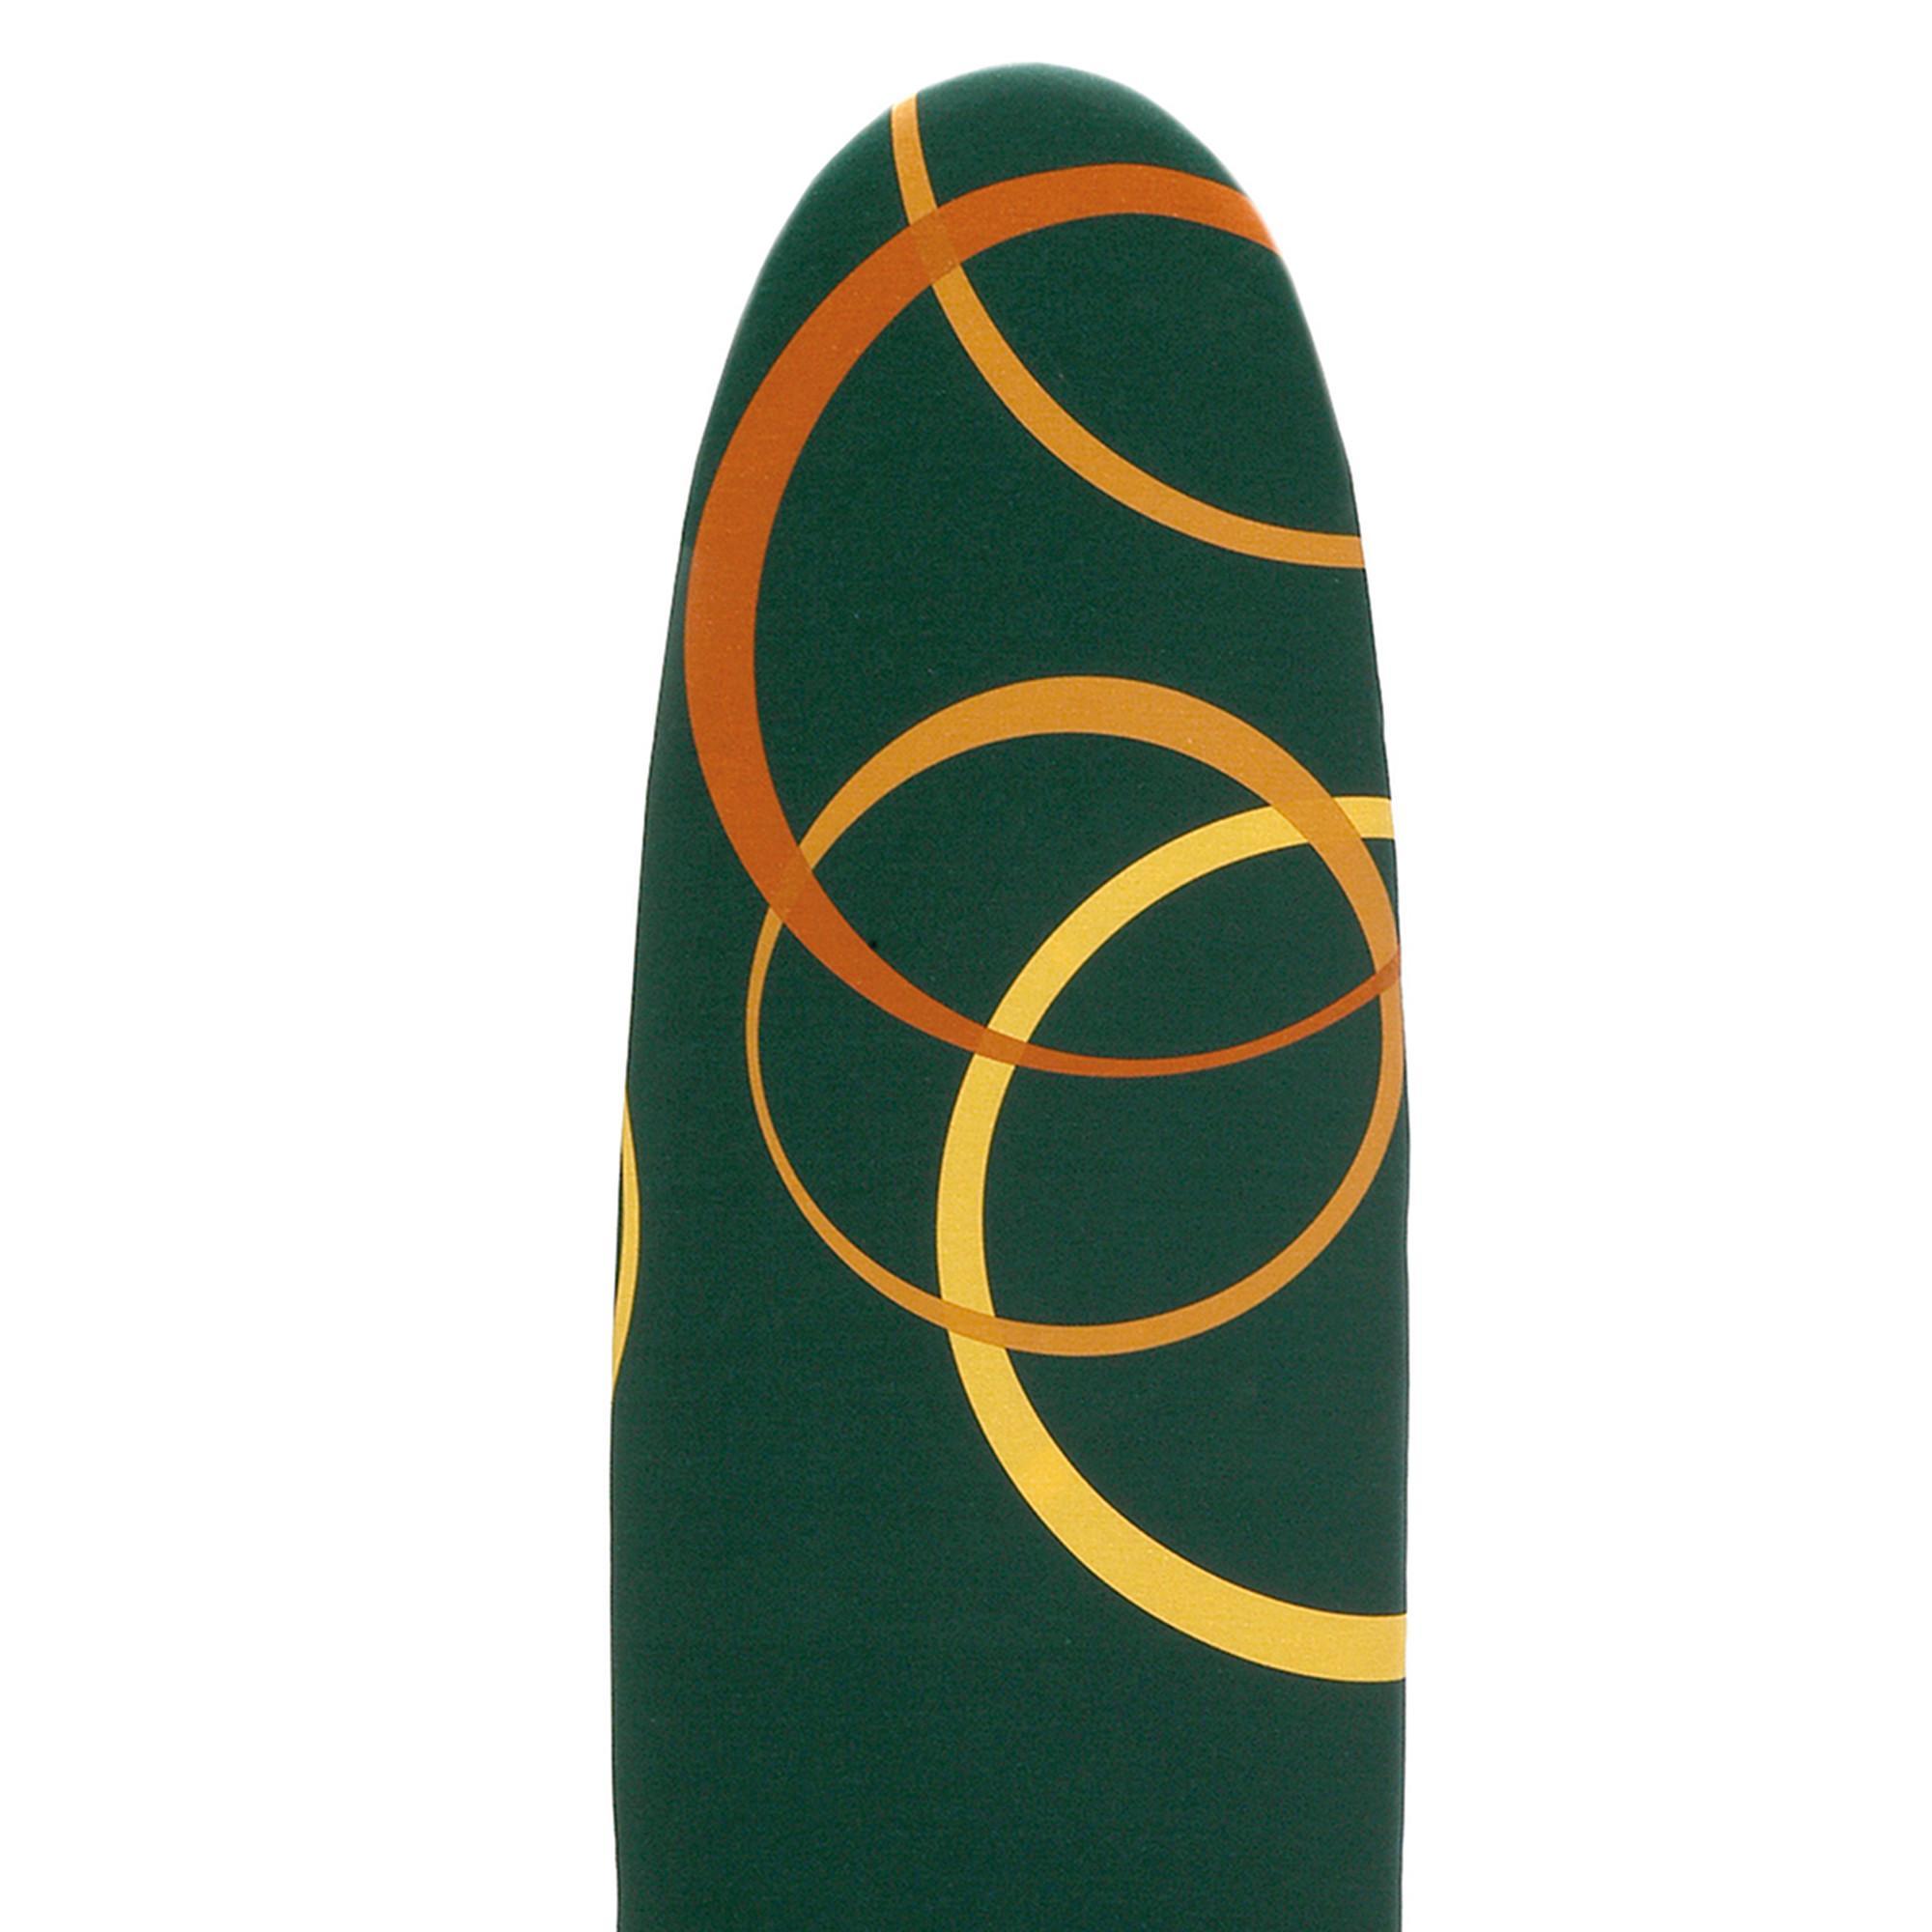 tappeto per stirare capi in velluto 700x300 mm | bieffe srl